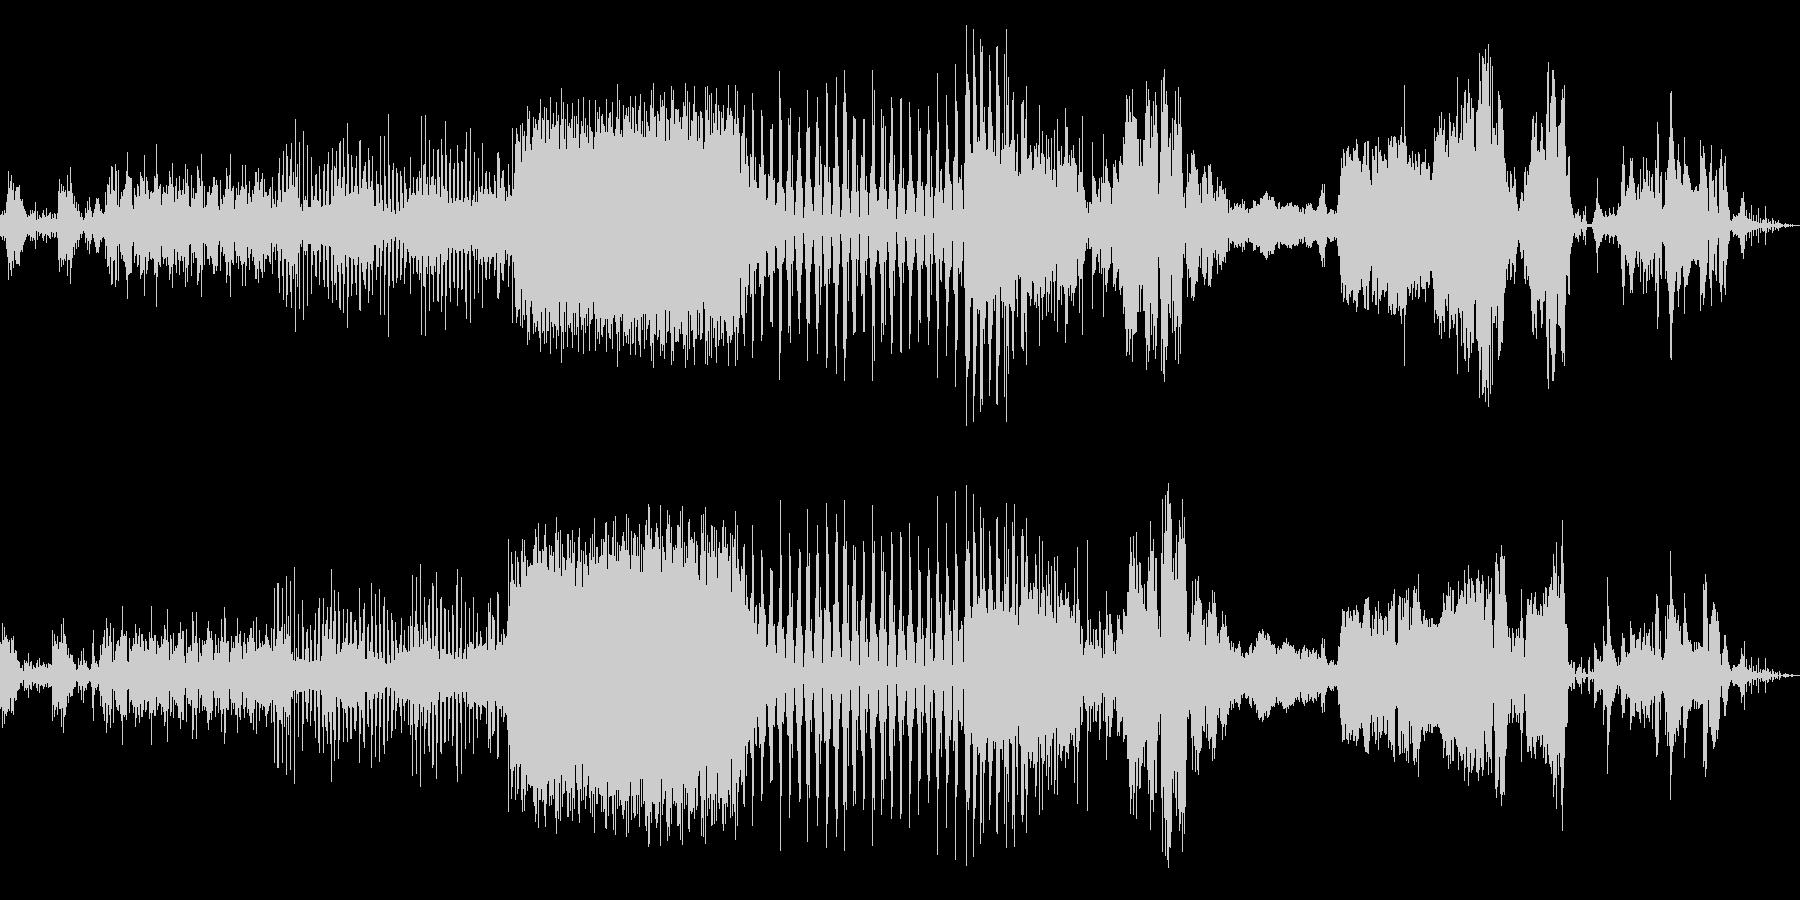 メカパルスミュージカルパルサーの未再生の波形